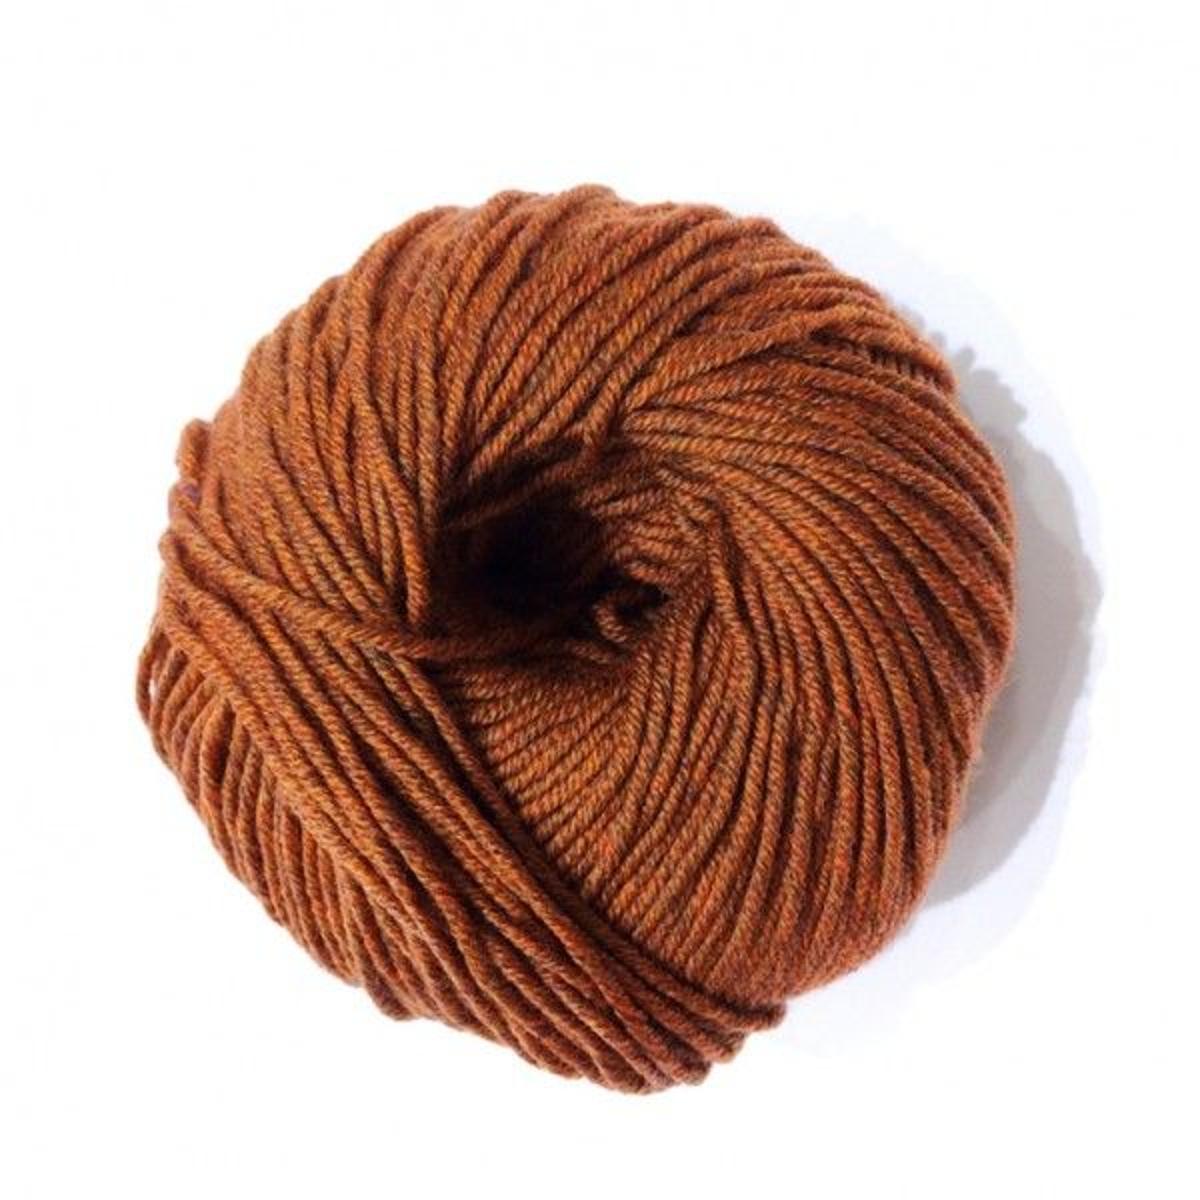 Laine à Tricoter Woolly Heritage De Dmc, Col. Paprika 100